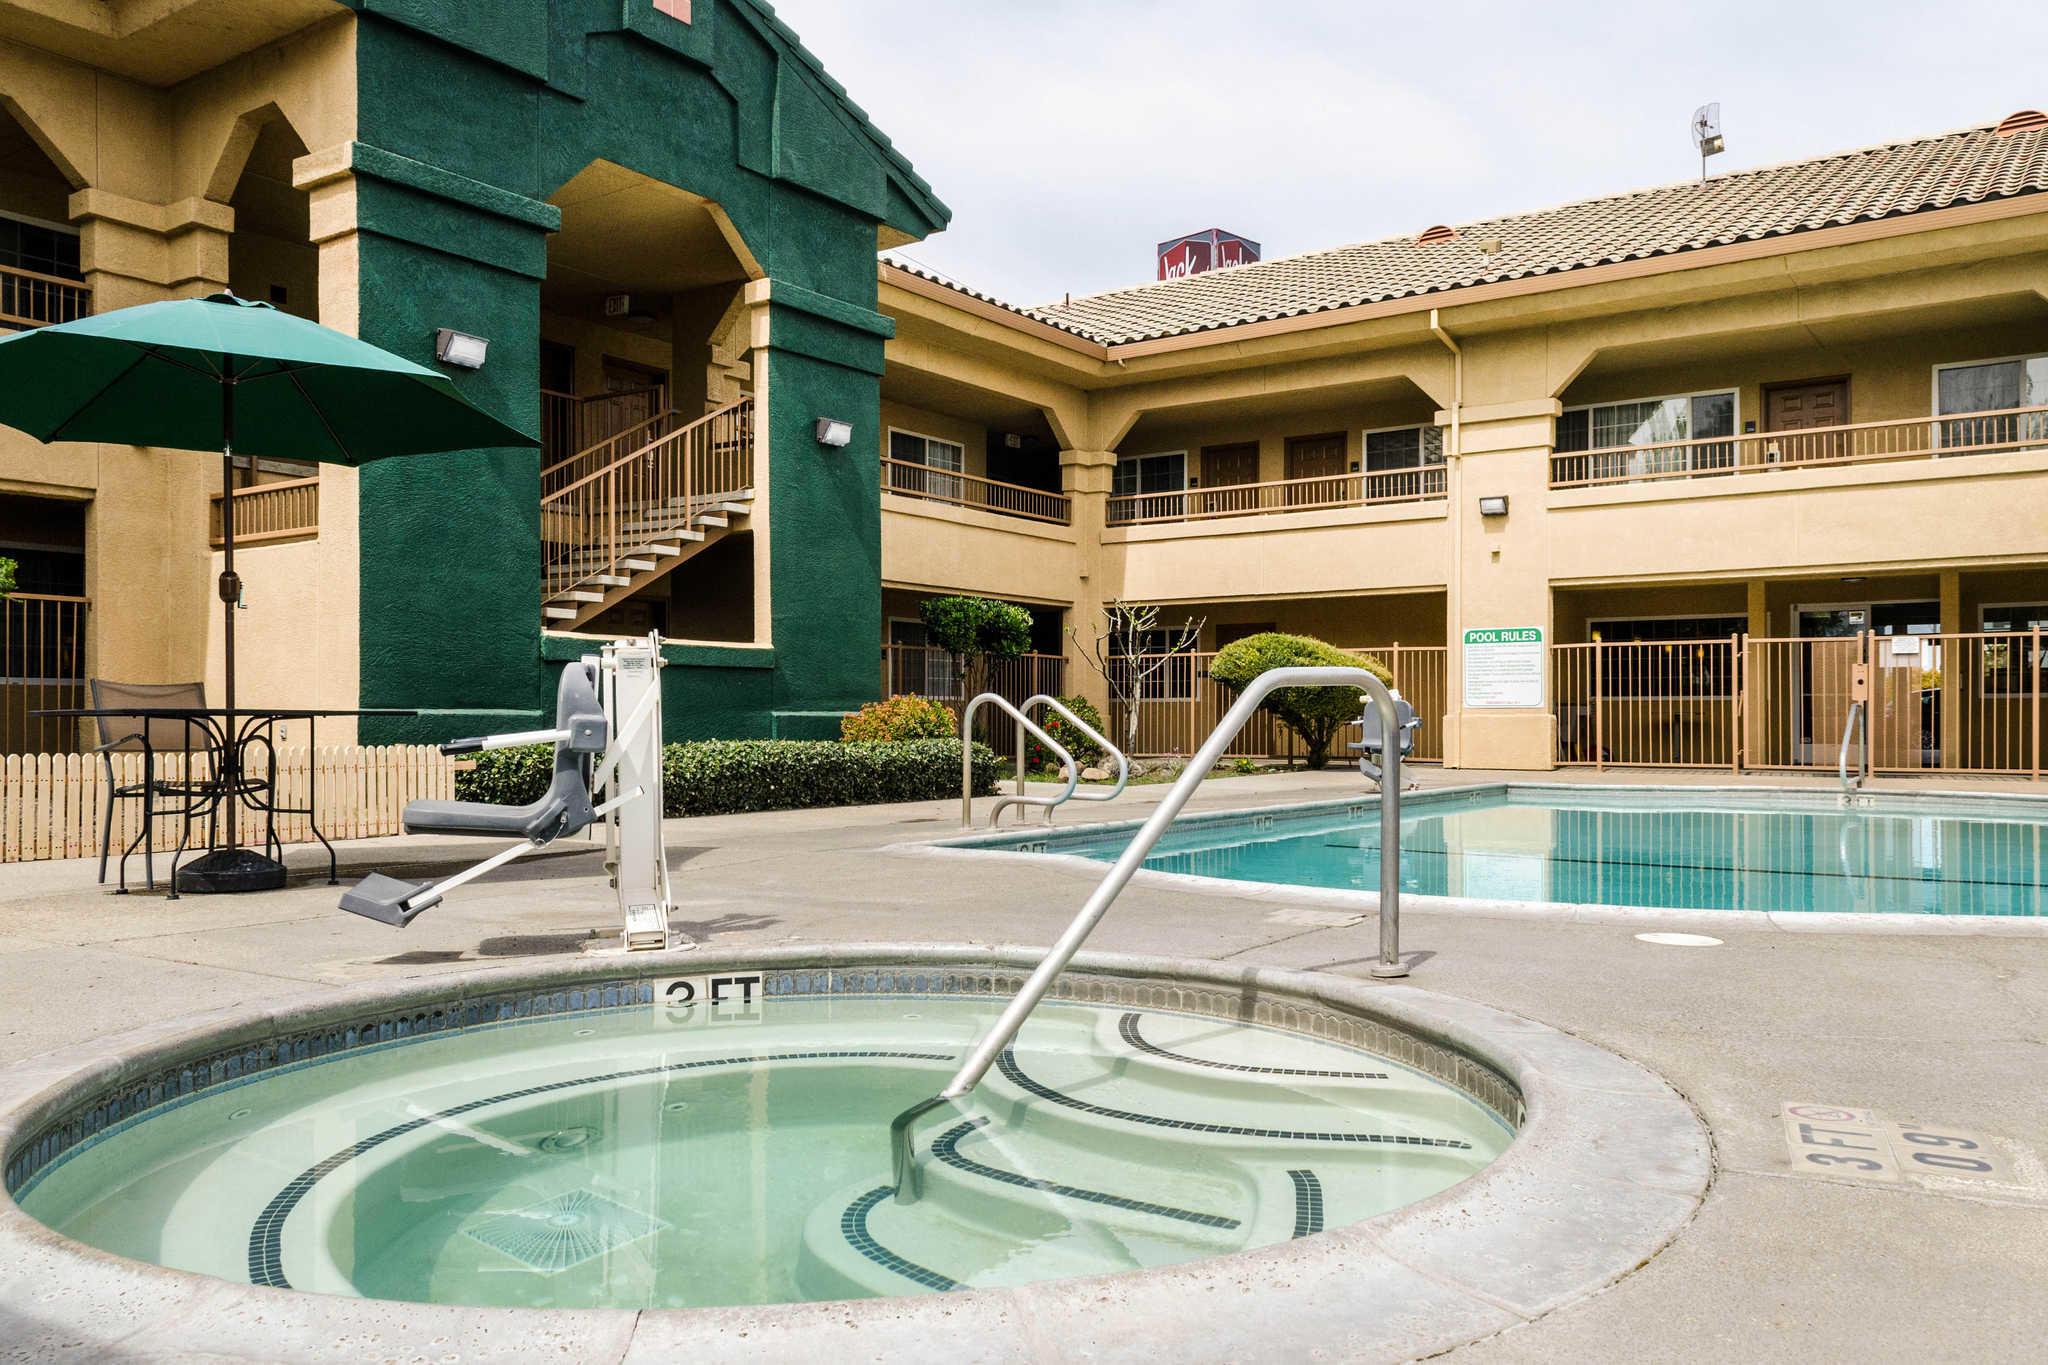 Quality Inn Amp Suites Lathrop Lathrop California Ca